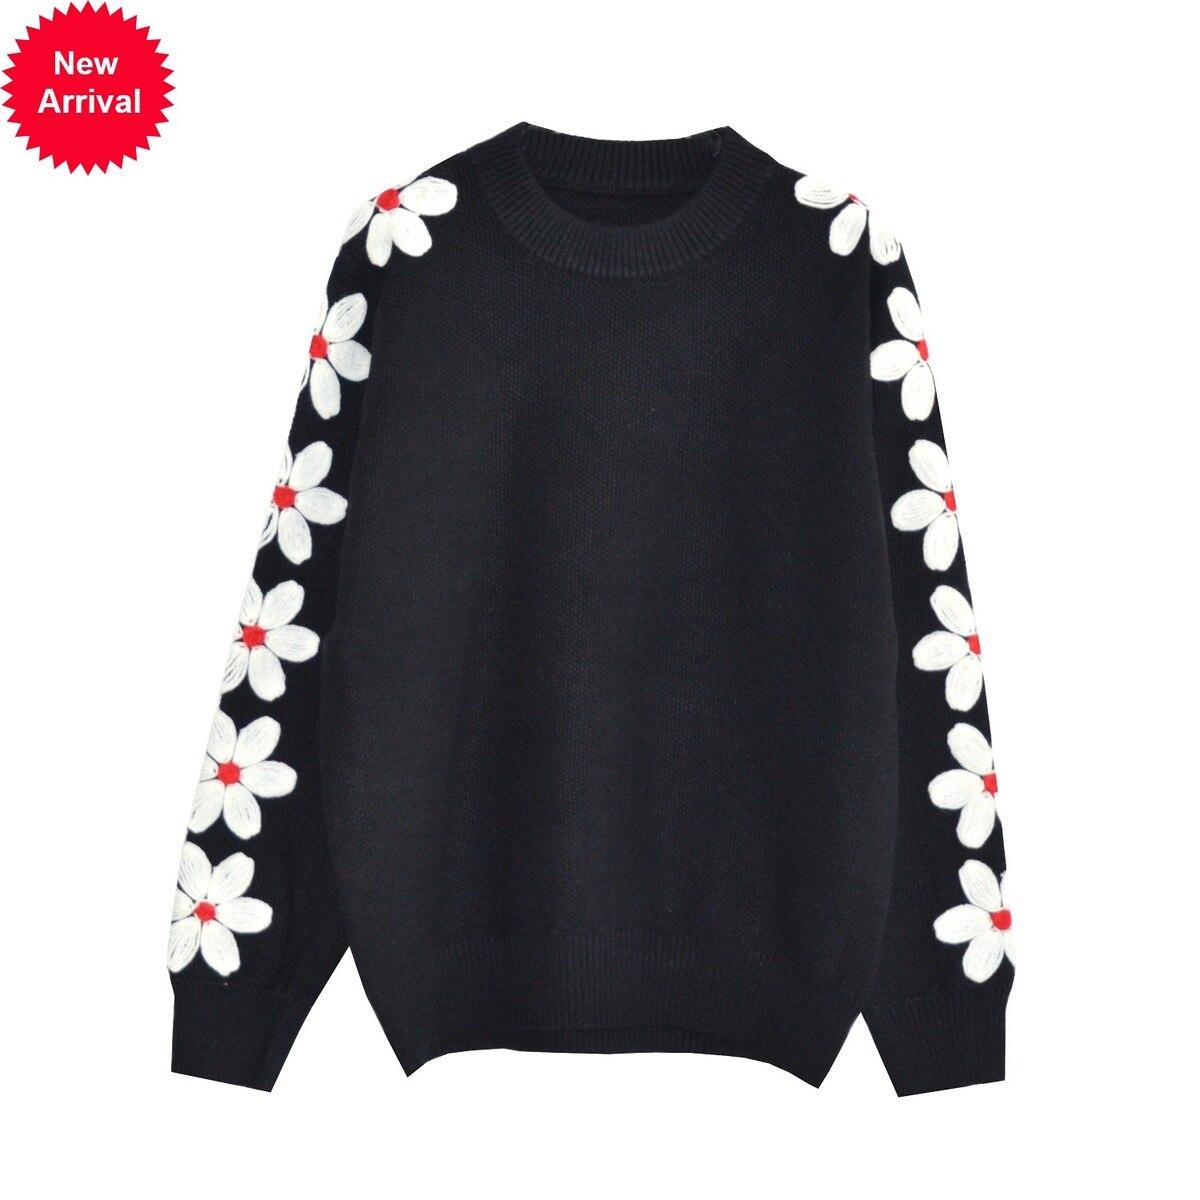 Tête Automne Et Pulls Tricot Mode Femmes 2018 Blackset Chandail Head Qualité Haute Rond Chandails Crochet Ligne Manches Fleur Col gbf7y6